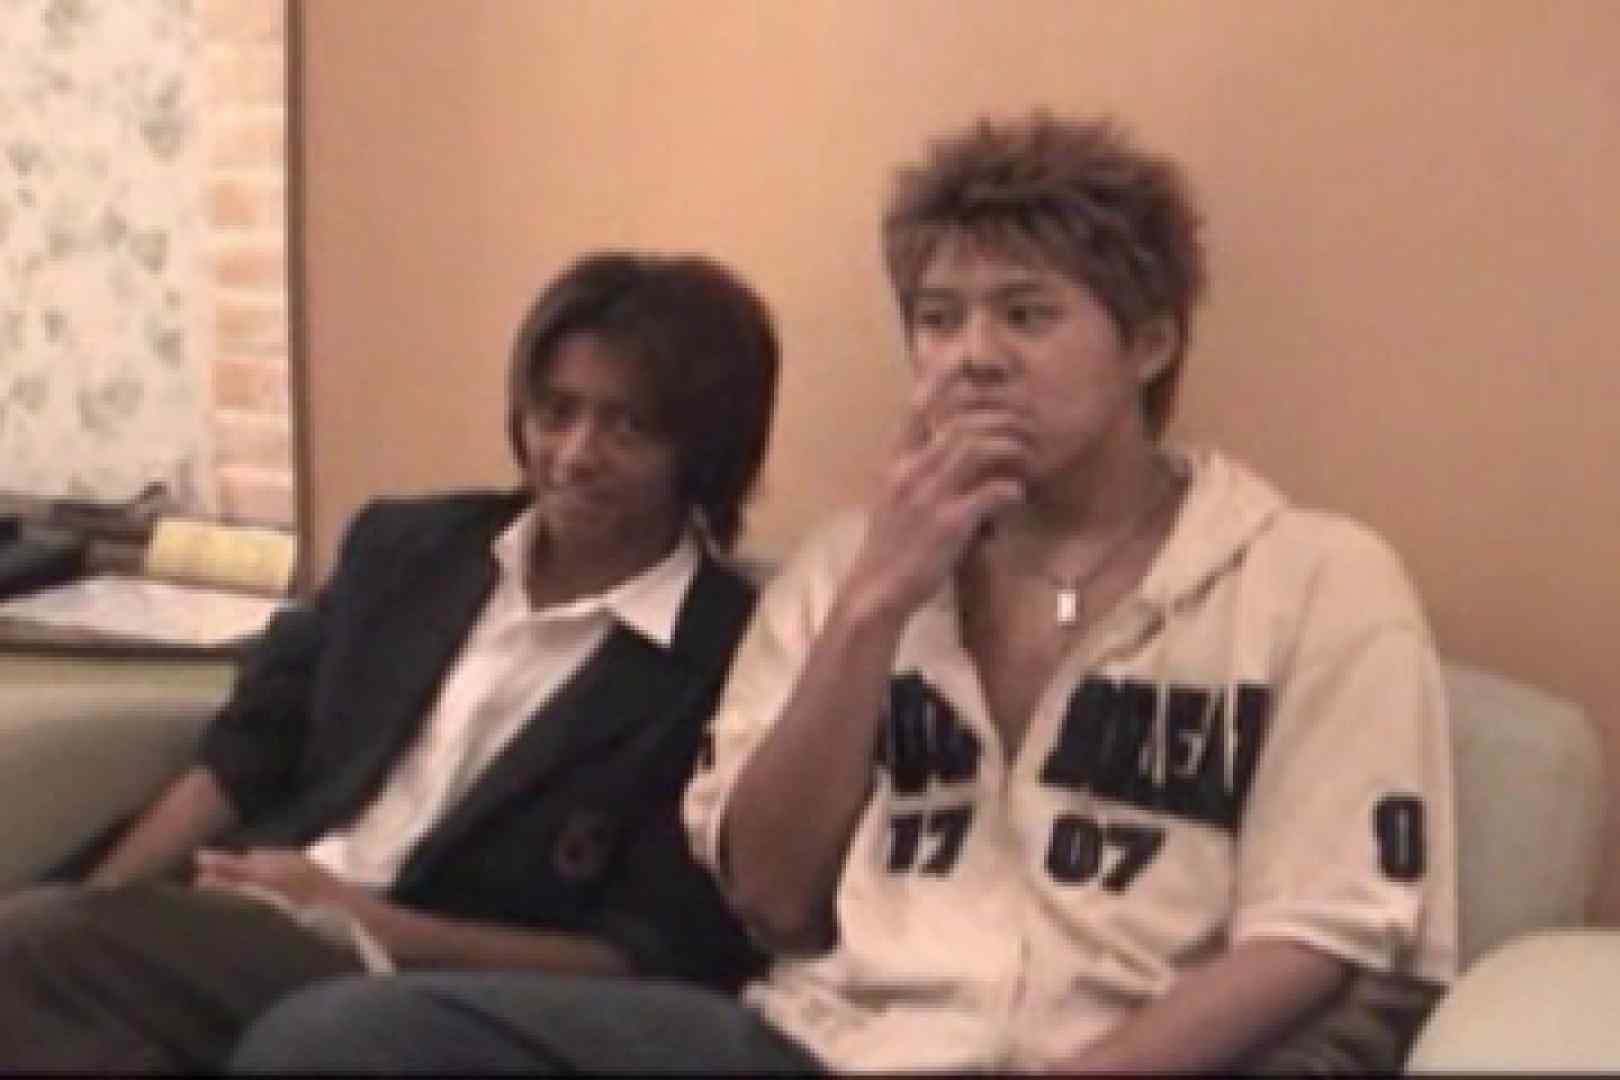 【流出】ジャニ系イケメン!!フライング&アナルが痛くて出来ません!! チンコ動画 射精無修正動画 83枚 21